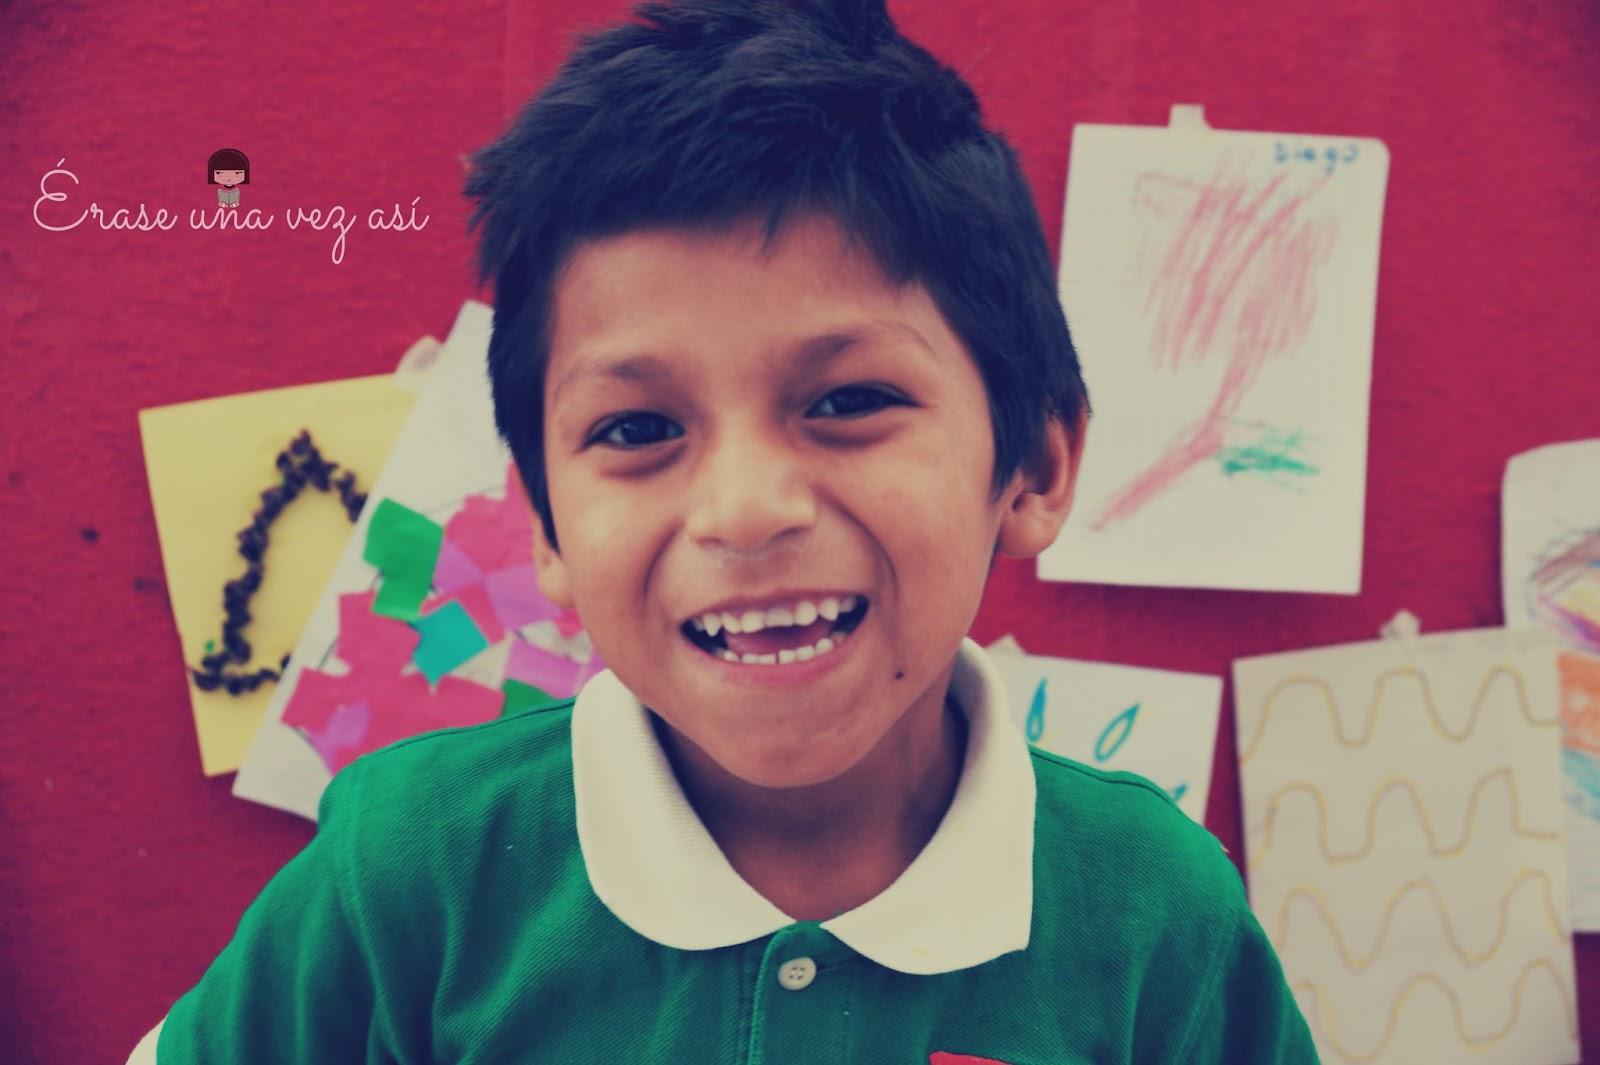 guarderia, arte infantil, dibujos de niños, angel de los niños, frases de amor, historias para reflexionar